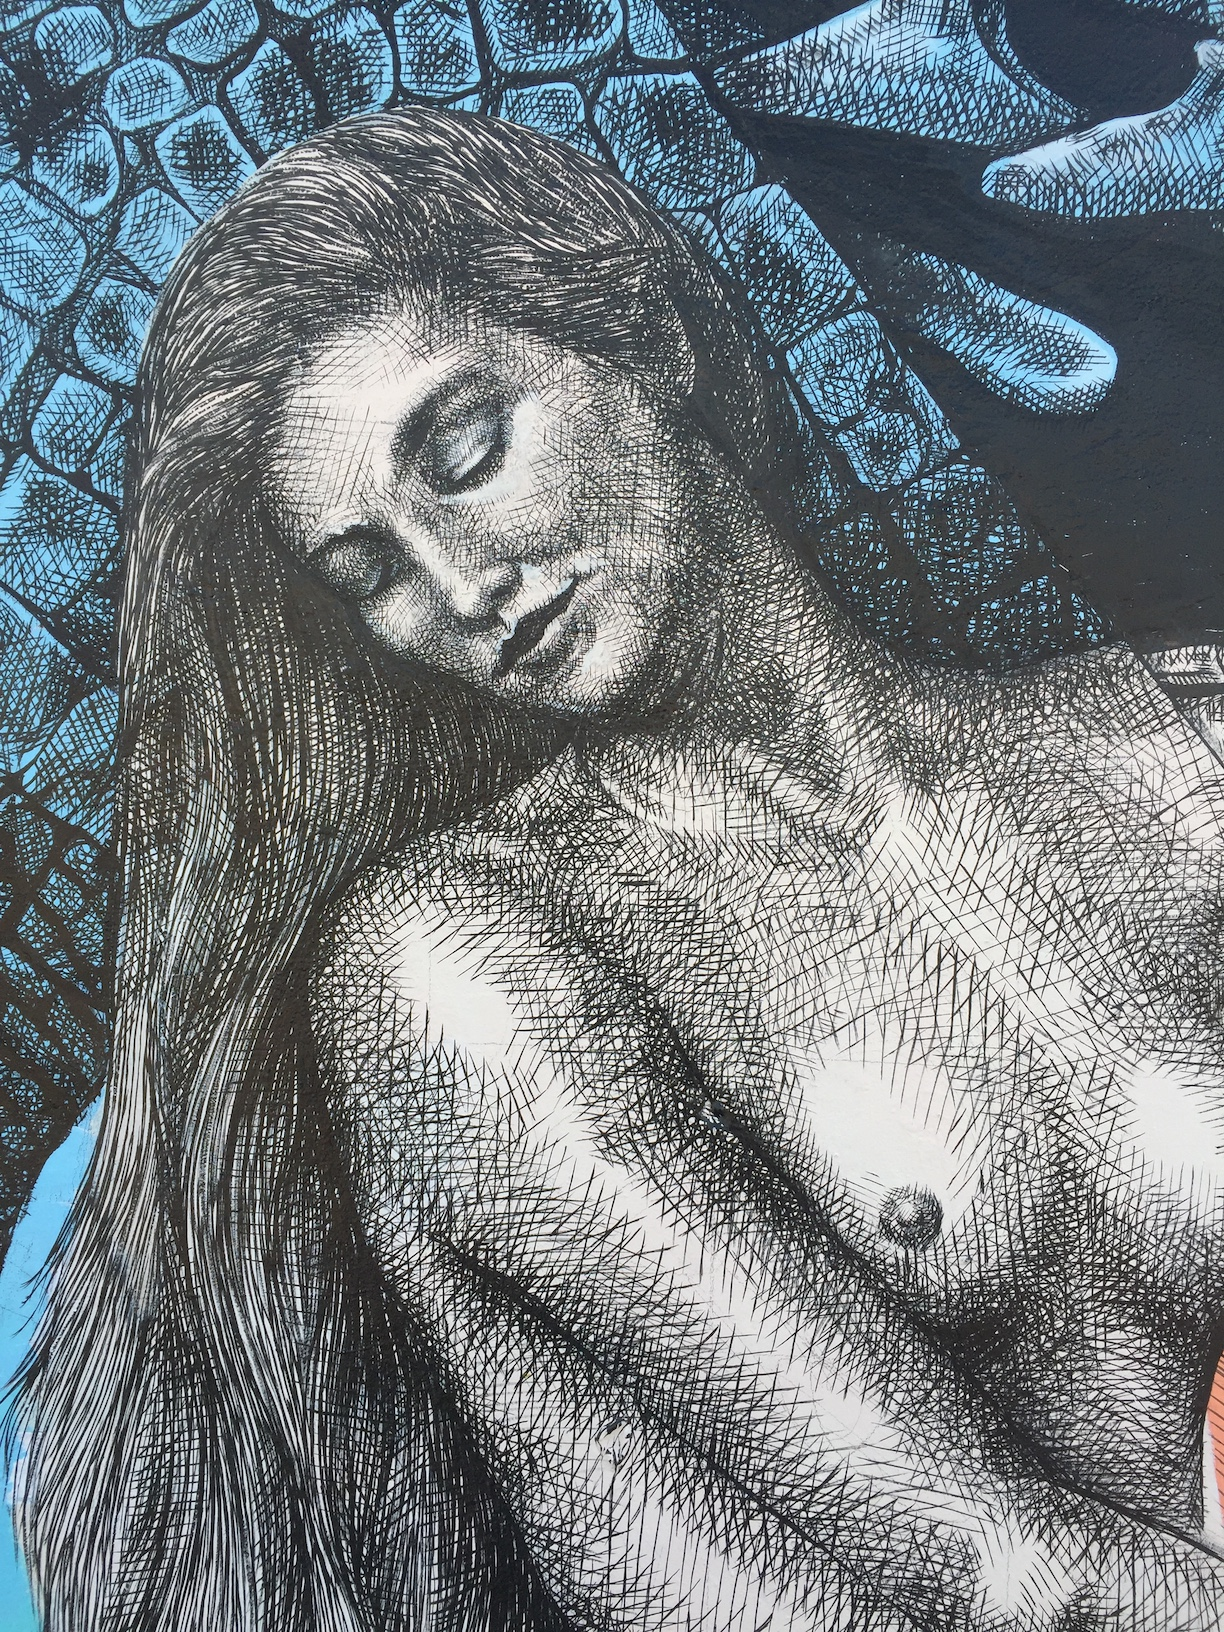 """""""Lilith"""" by Alexis Diaz in Wynwood, Miami Artes & contextos Lilith by Alexis Diaz in Wynwood Miami7"""